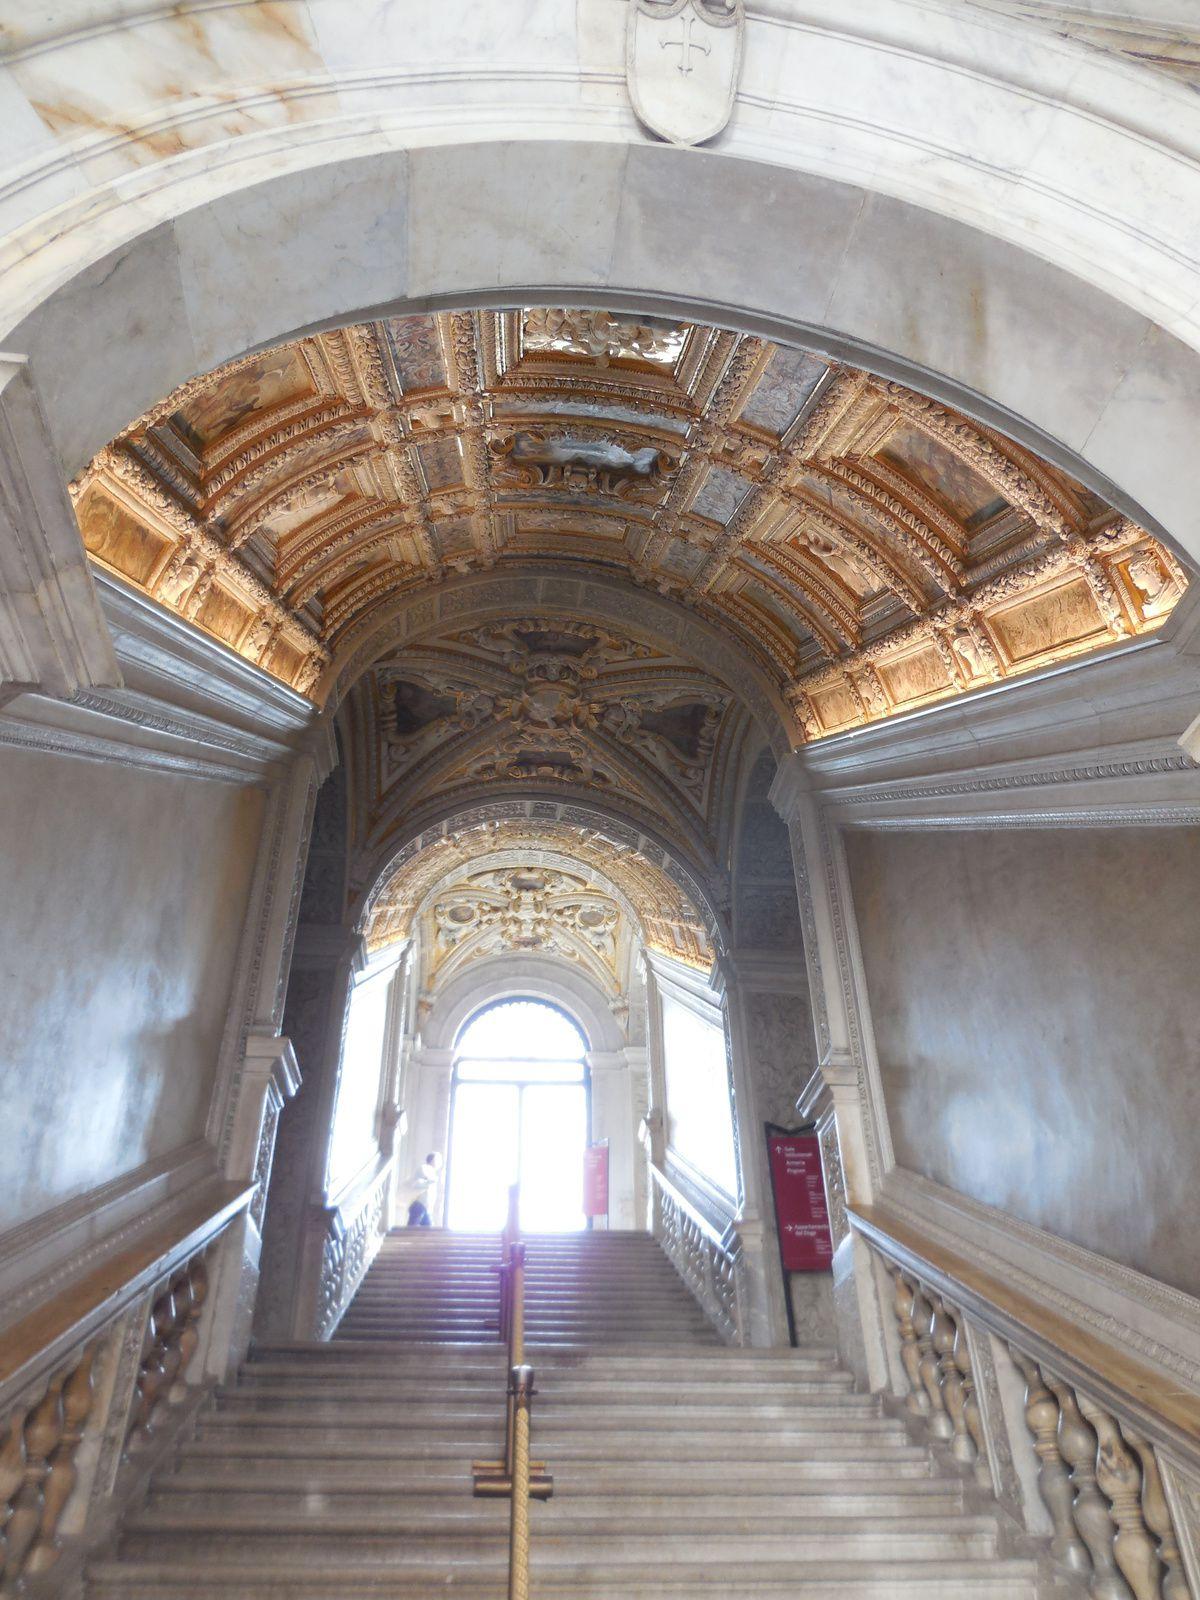 Voûte de l'escalier ornée de décorations en stuc blanc et en or. Escalier conçu par Jacopo Sansovino en 1555 et terminé par Scarpagnino en 1559.